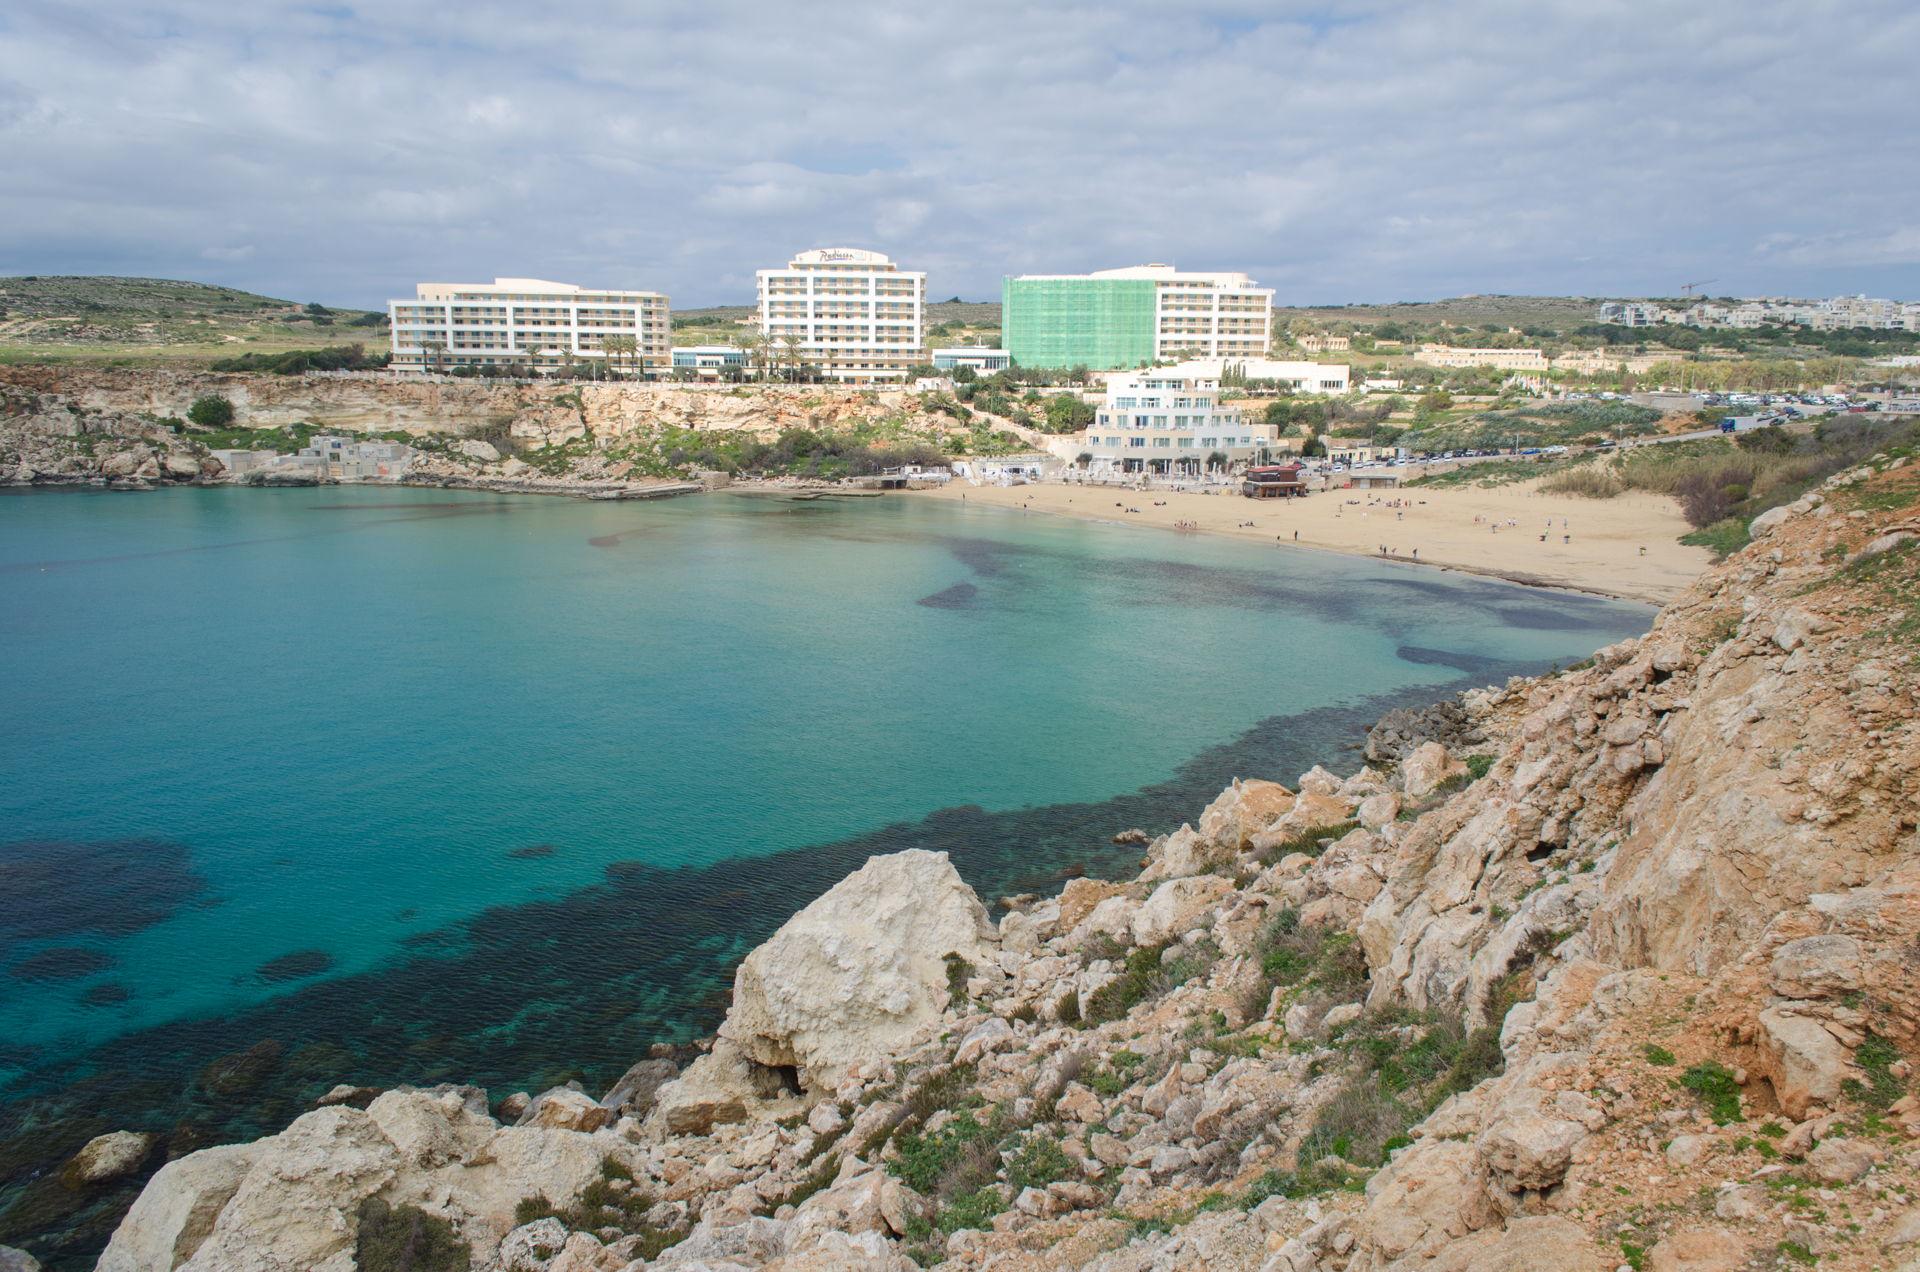 Għajn Tuffieħa, Għajn Tuffieħa tower, tower at Għajn Tuffieħa, golden bay tower, golden bay Għajn Tuffieħa, best hotel at golden bay malta